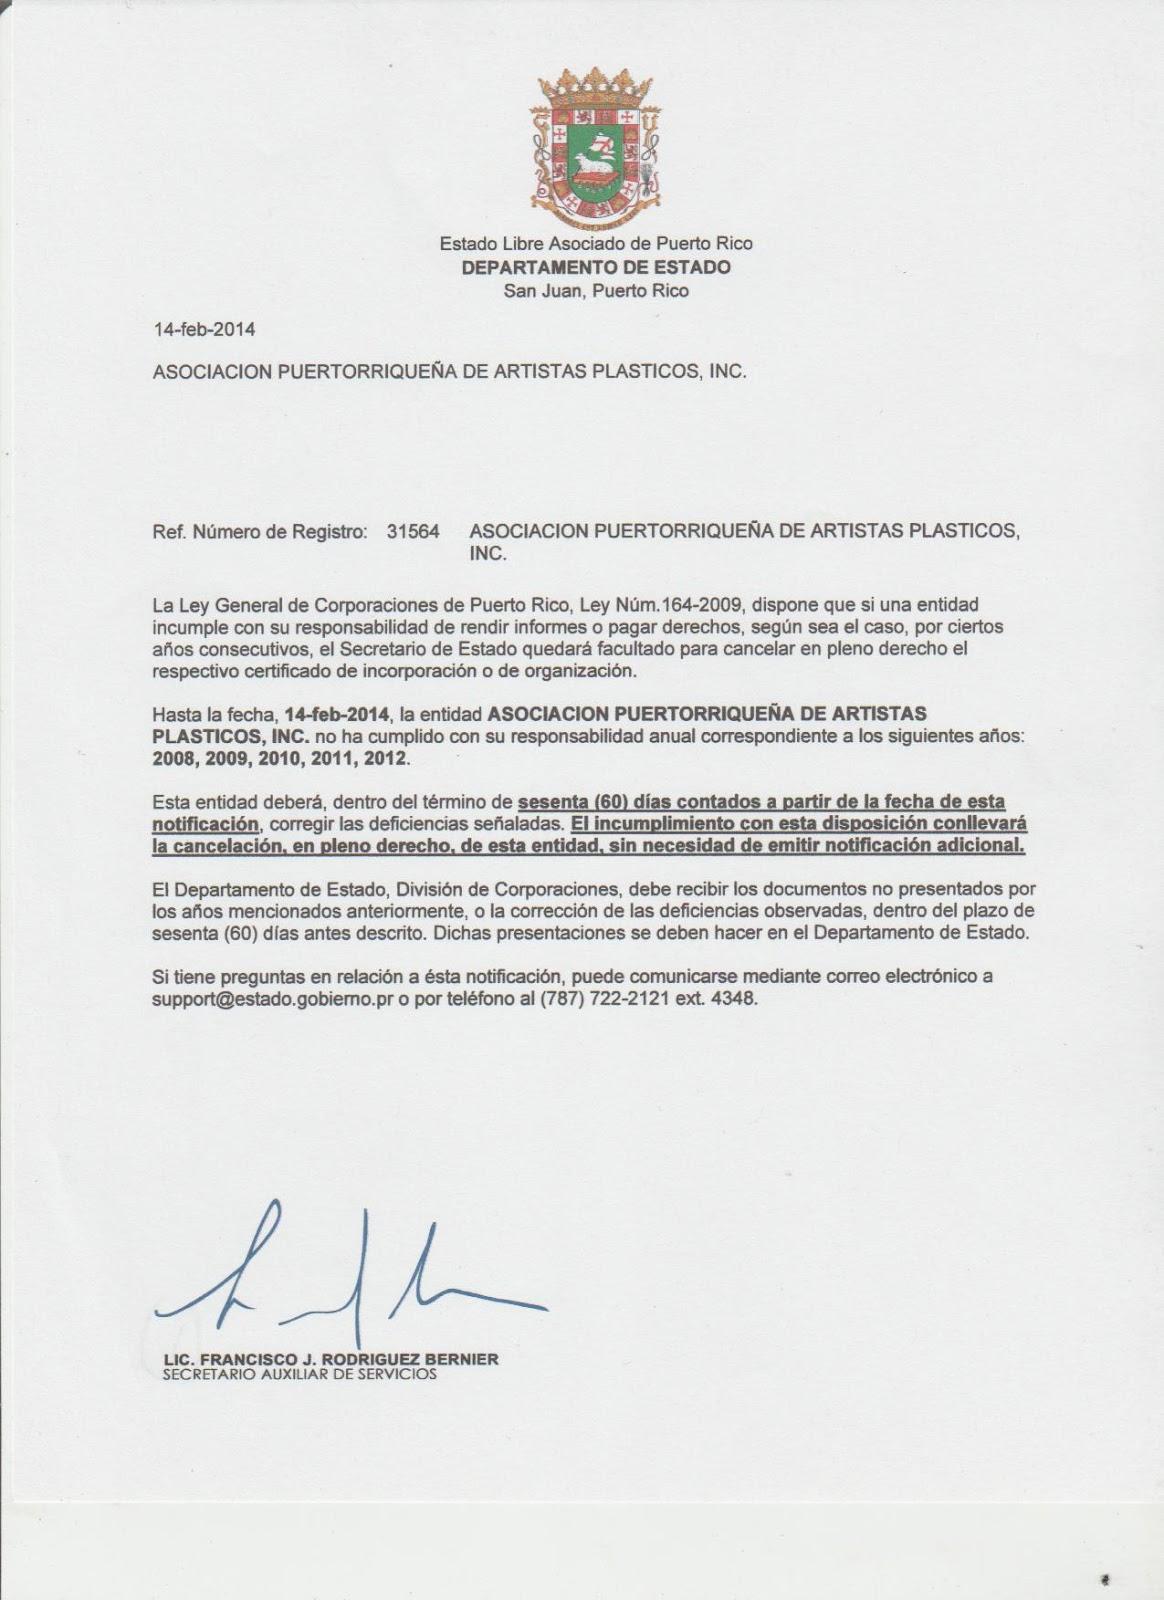 Puerto rico art news blog de arte y cultura confusi n for Registro de la propiedad lugo